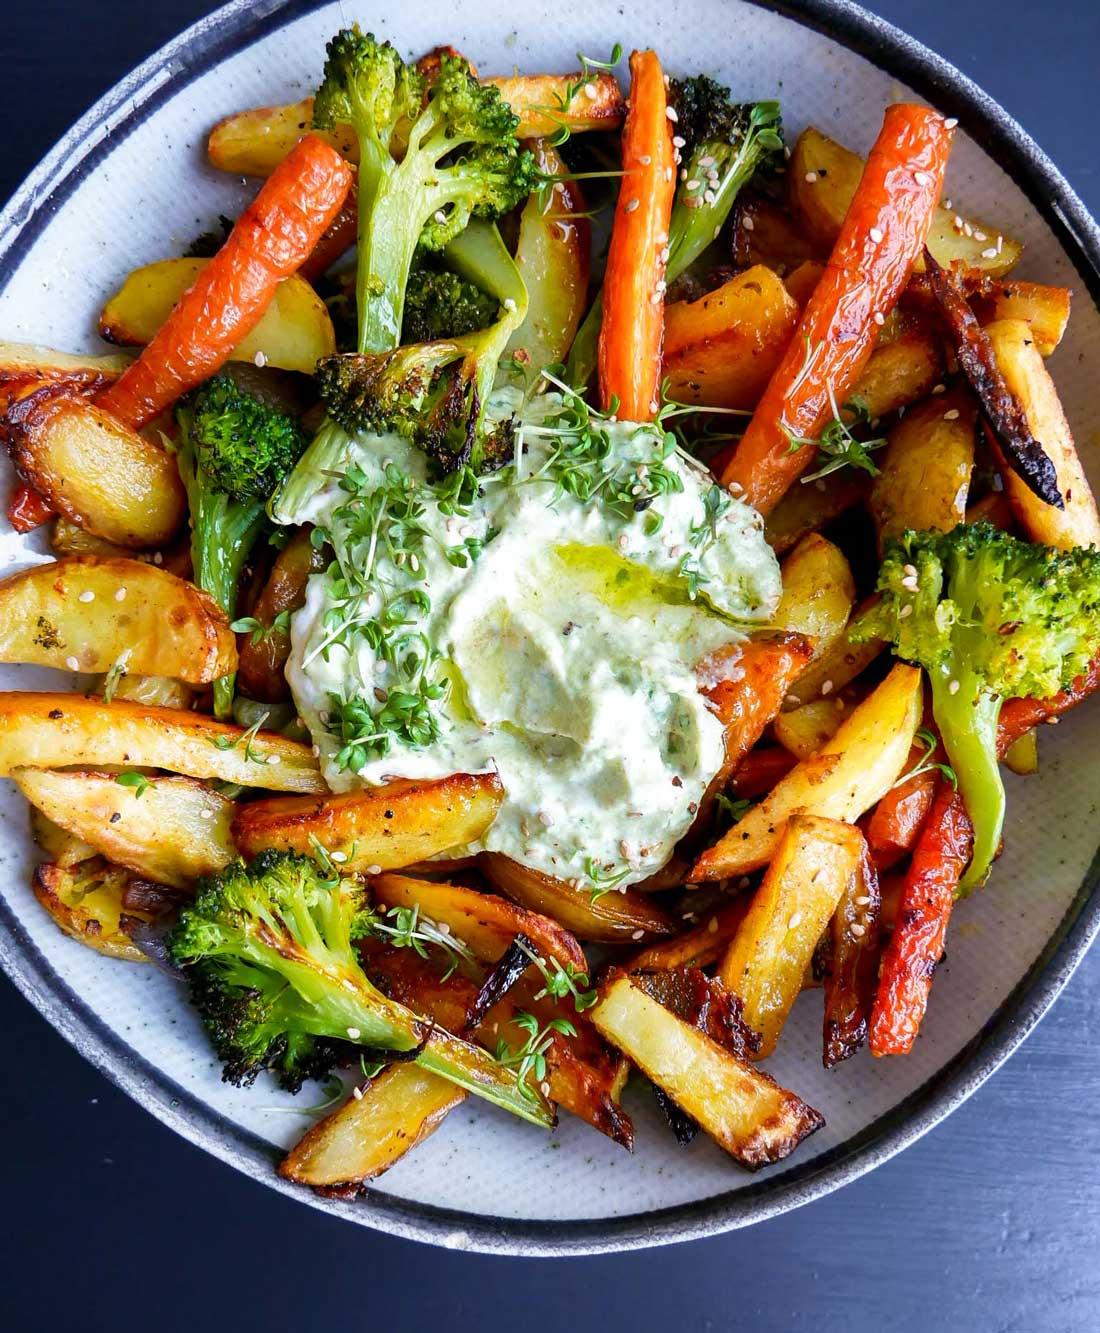 ovnbagte grøntsager